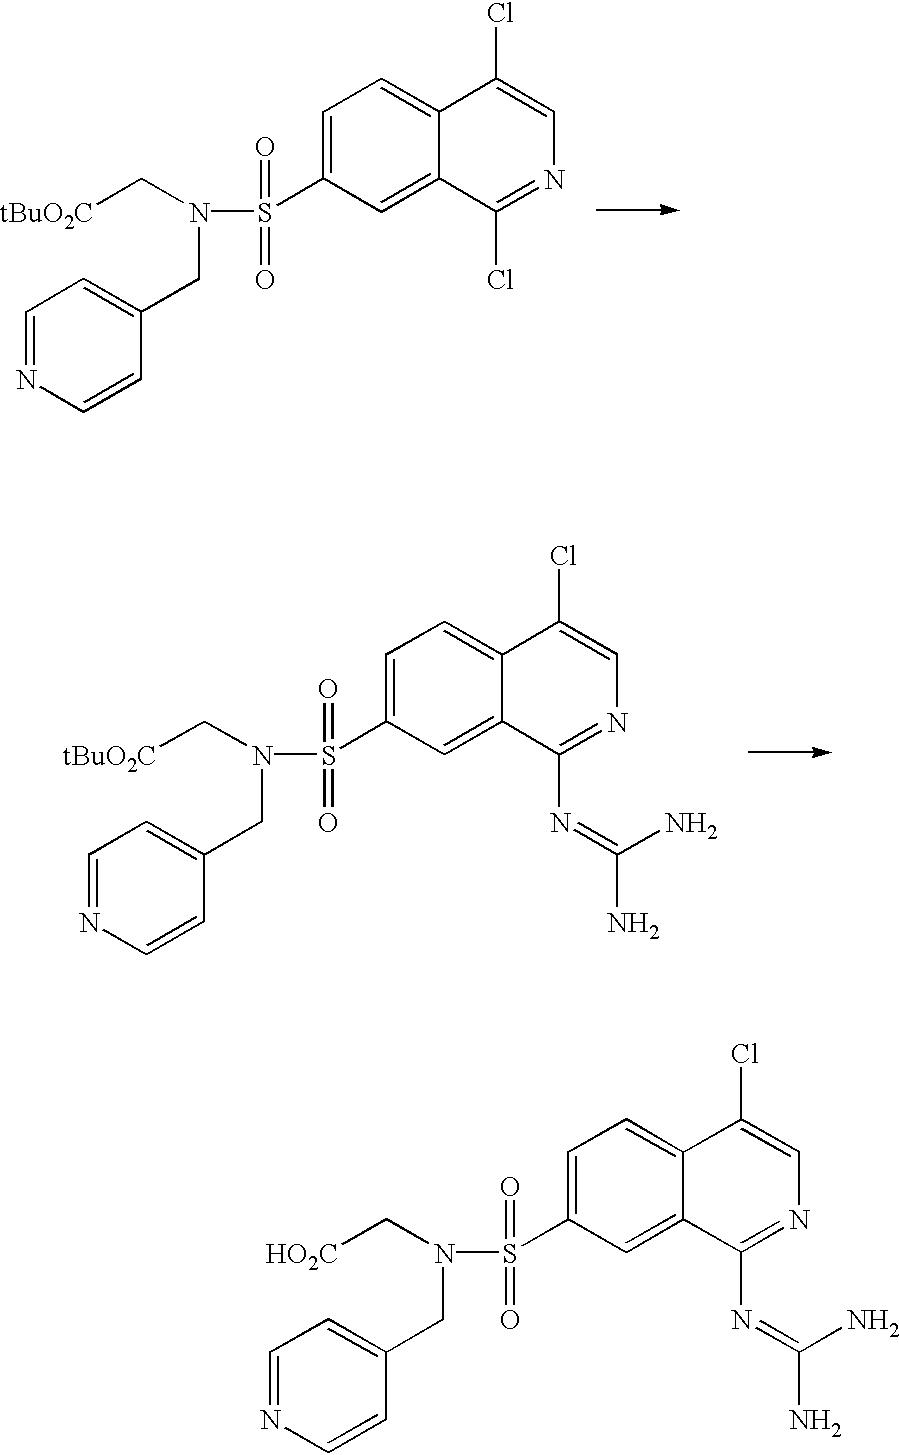 Figure US20030199440A1-20031023-C00052